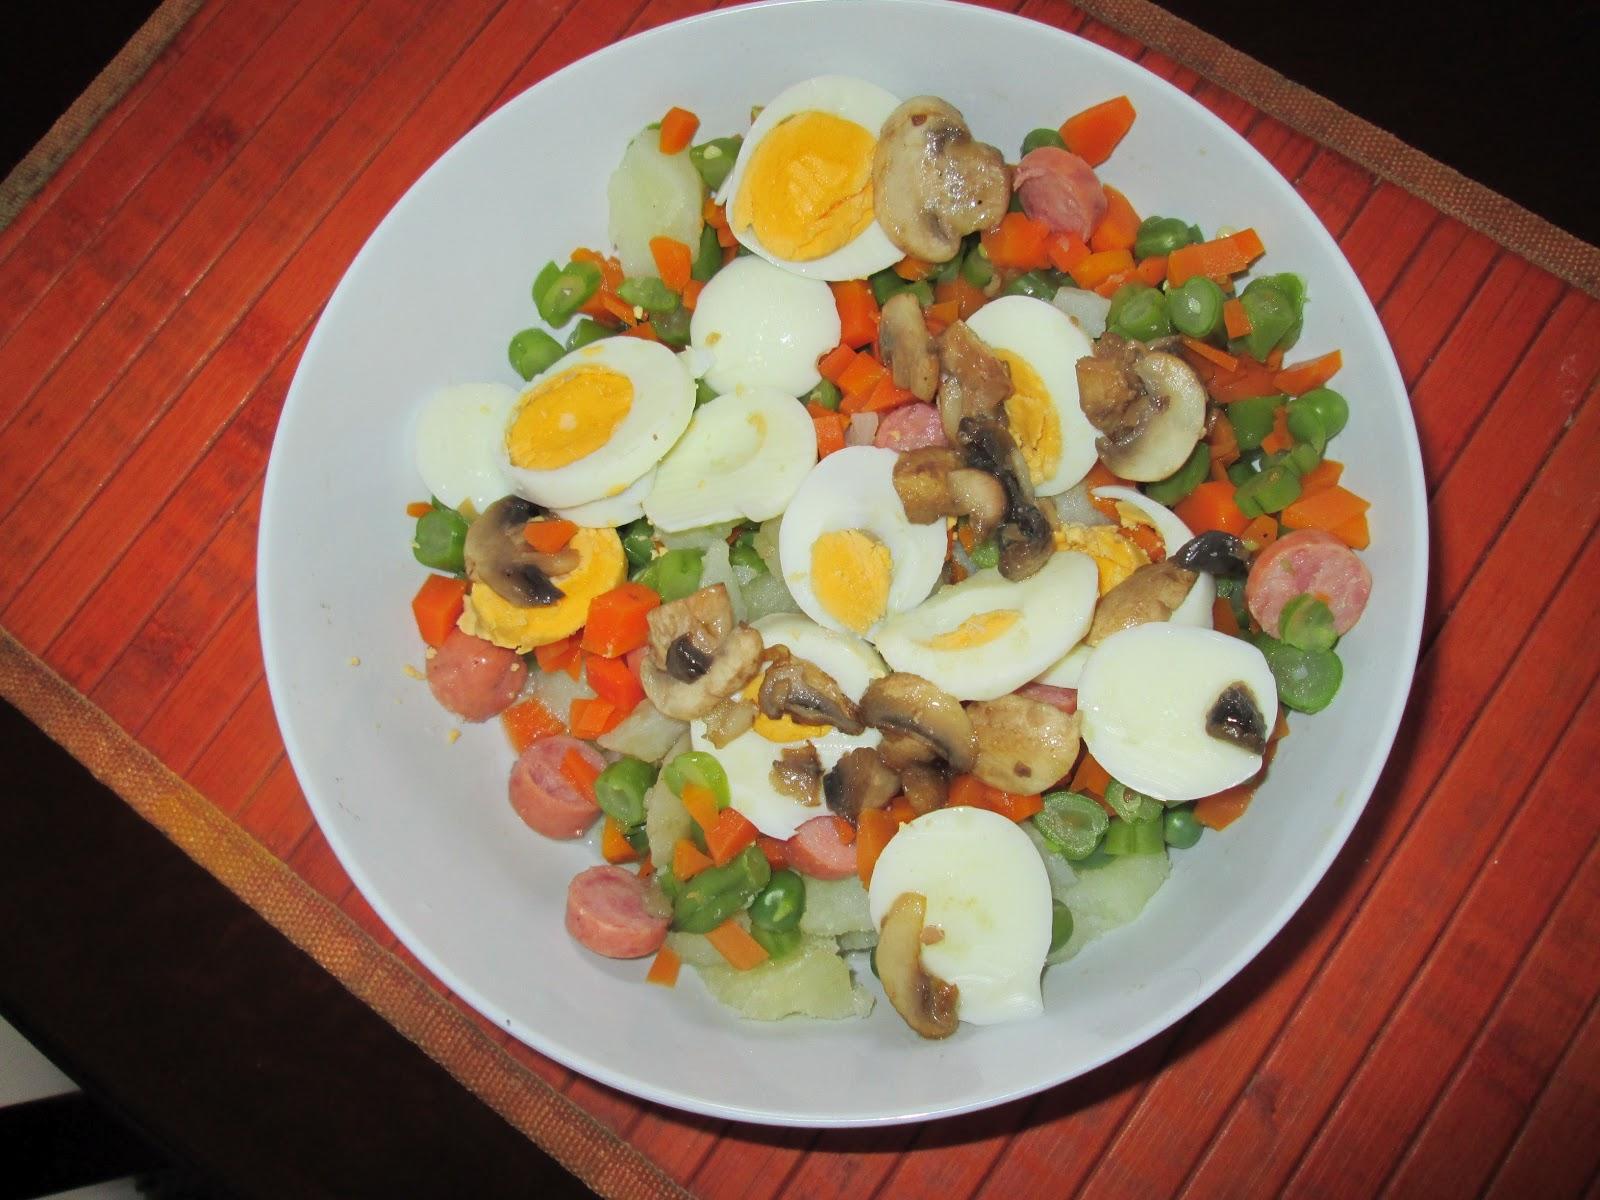 Cocina f cil para flojos comida r pida saludable papas y - Cocina rapida y facil ...